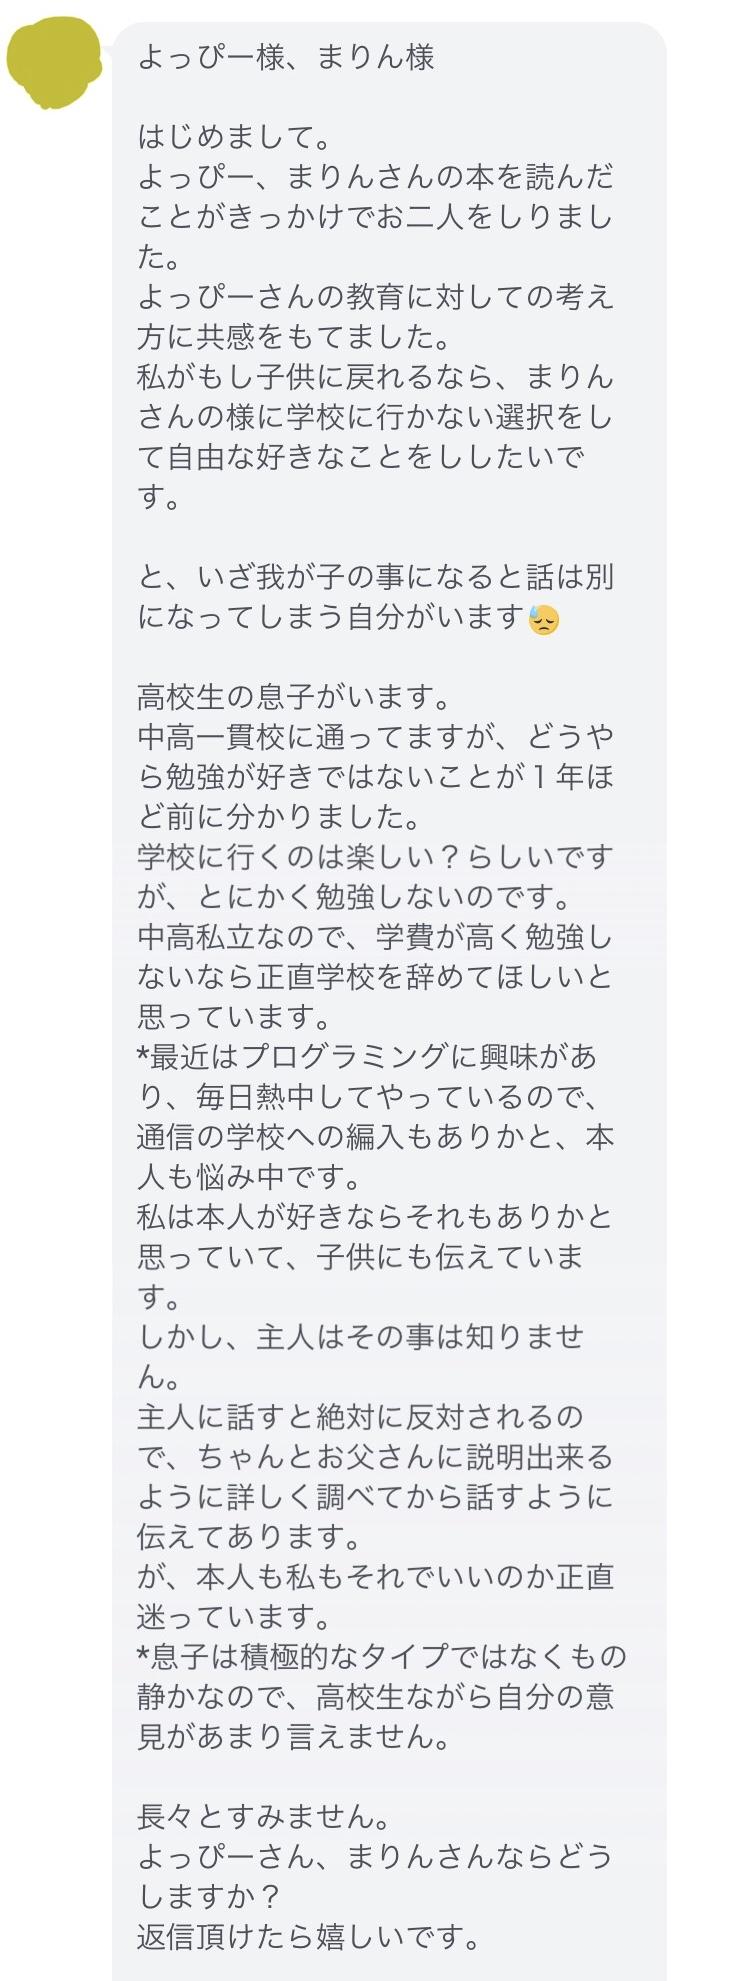 LINE@へのメッセージ